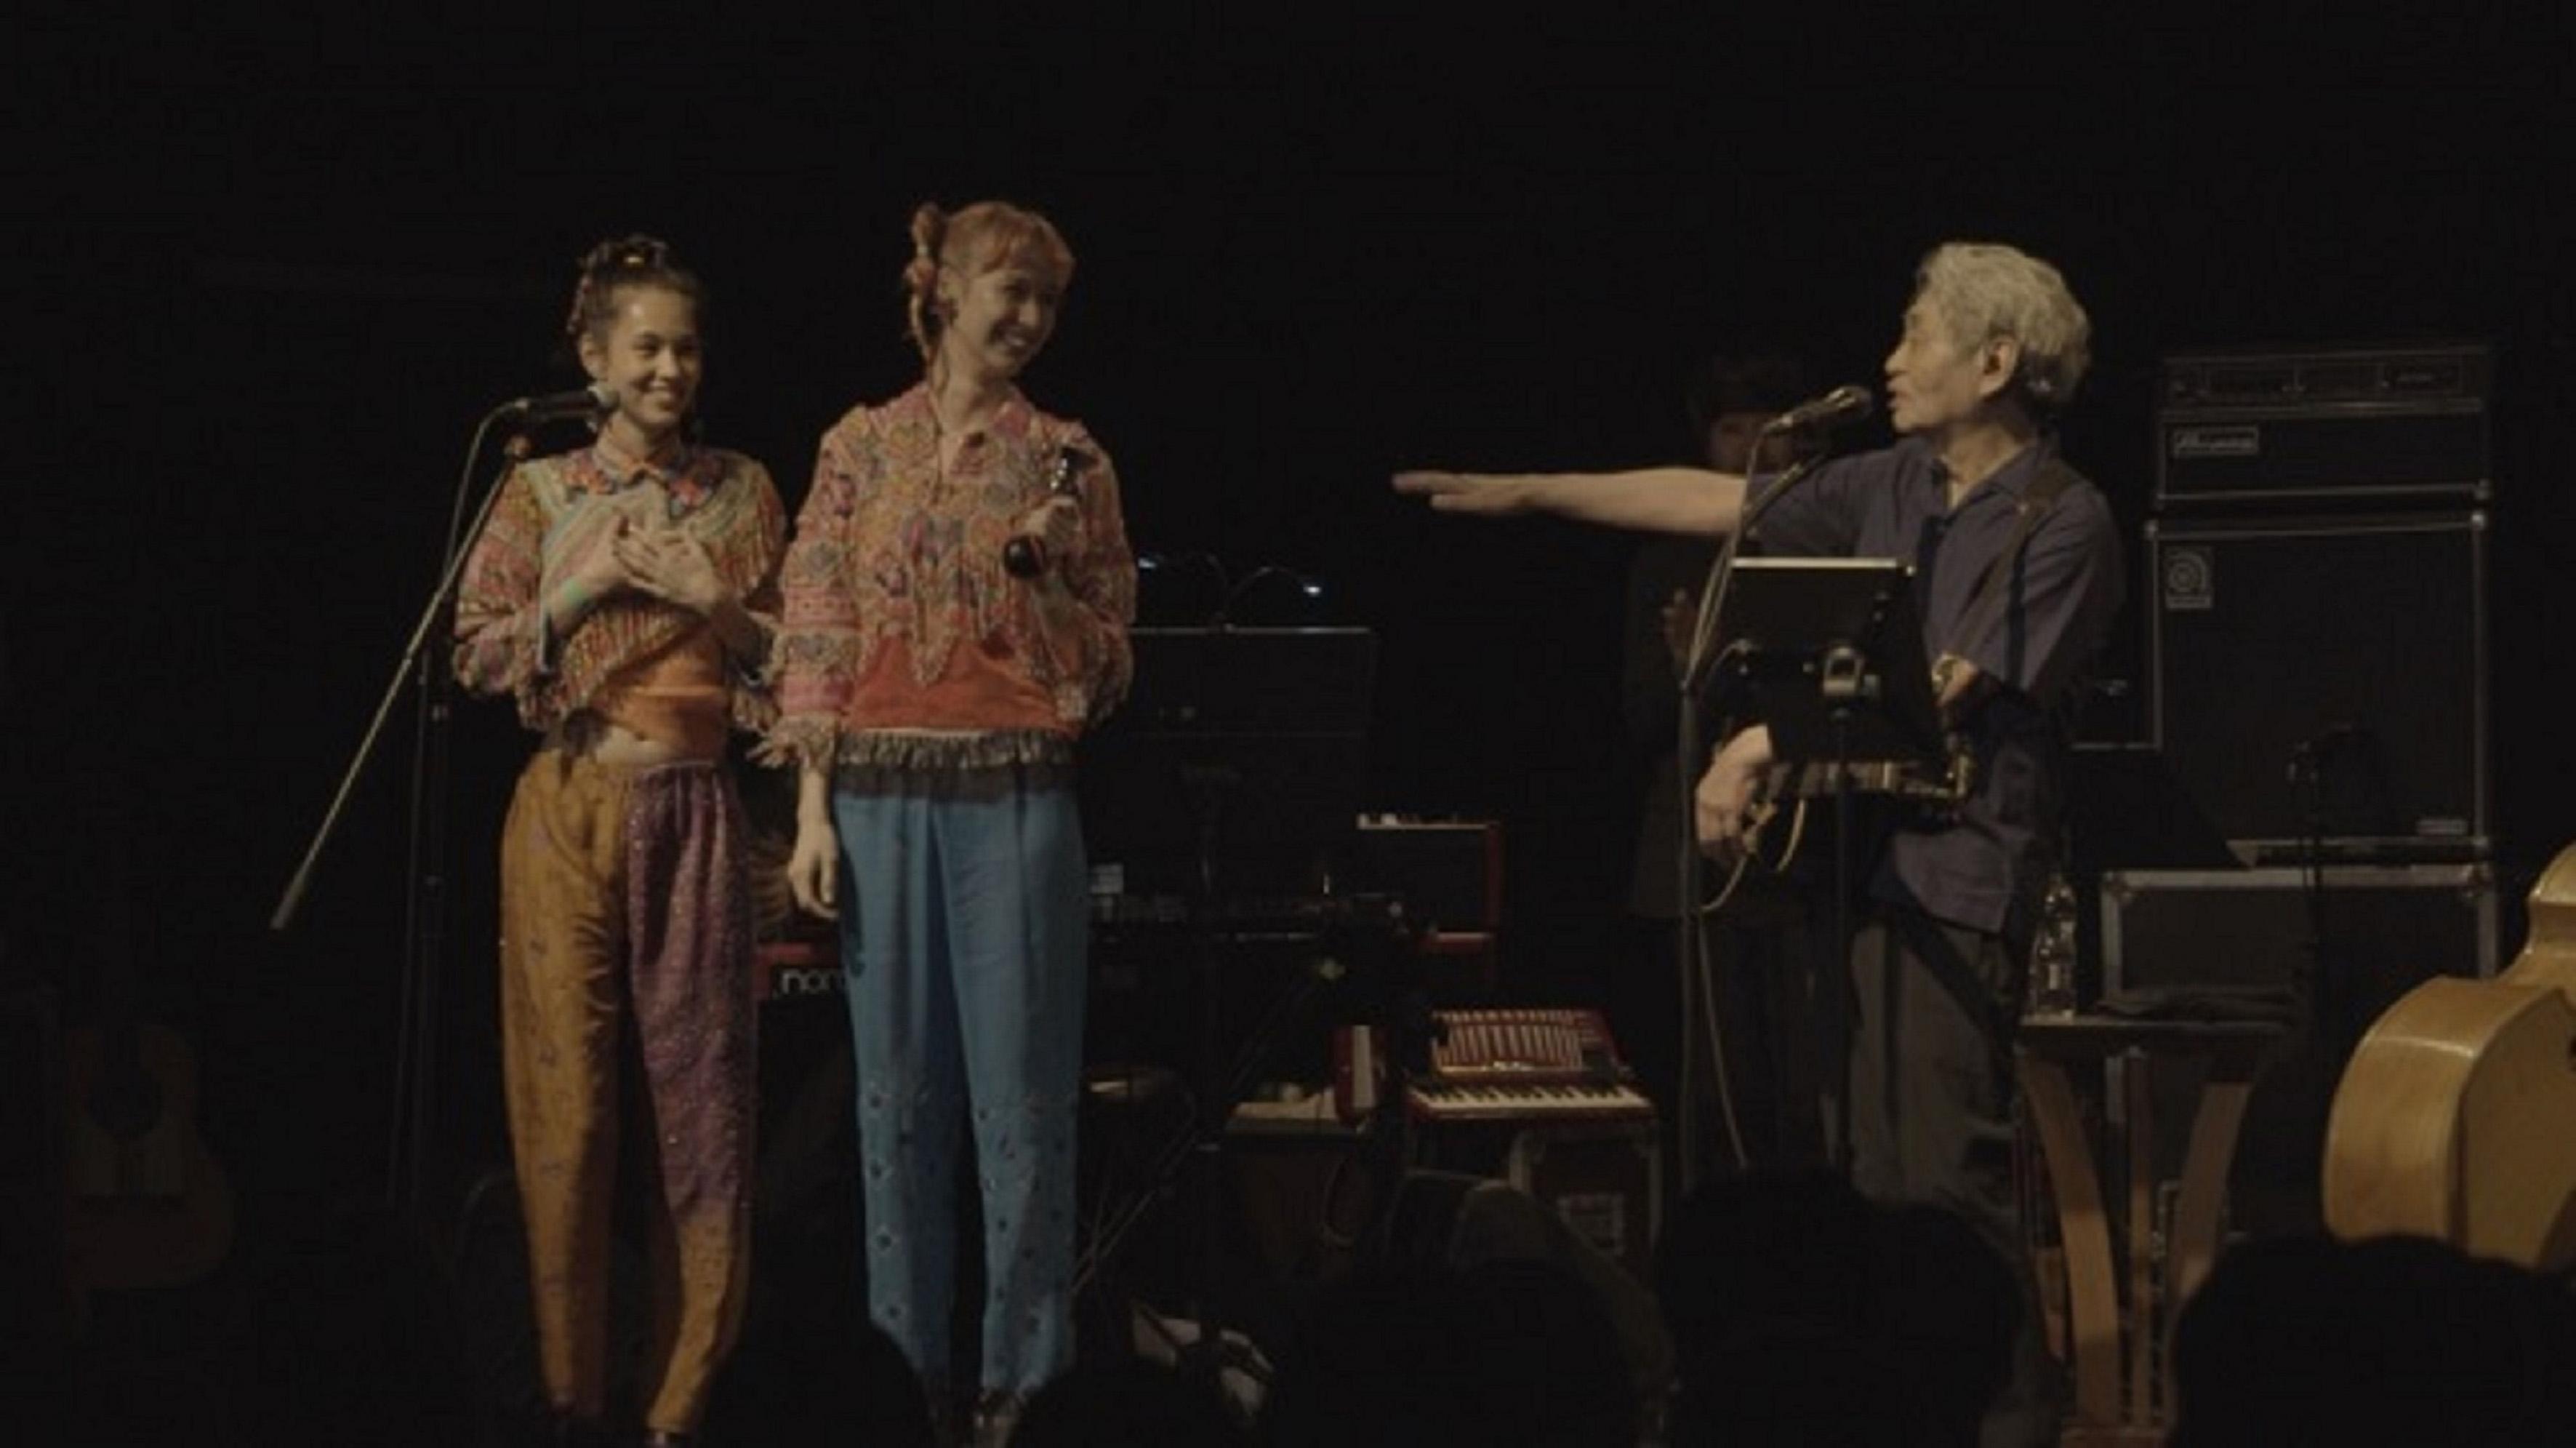 《搖滾師匠:細野晴臣》劇照_水原希子(左)和水原佑果(中)是細野晴臣(右)的粉絲 也受邀在演唱會上特別出演